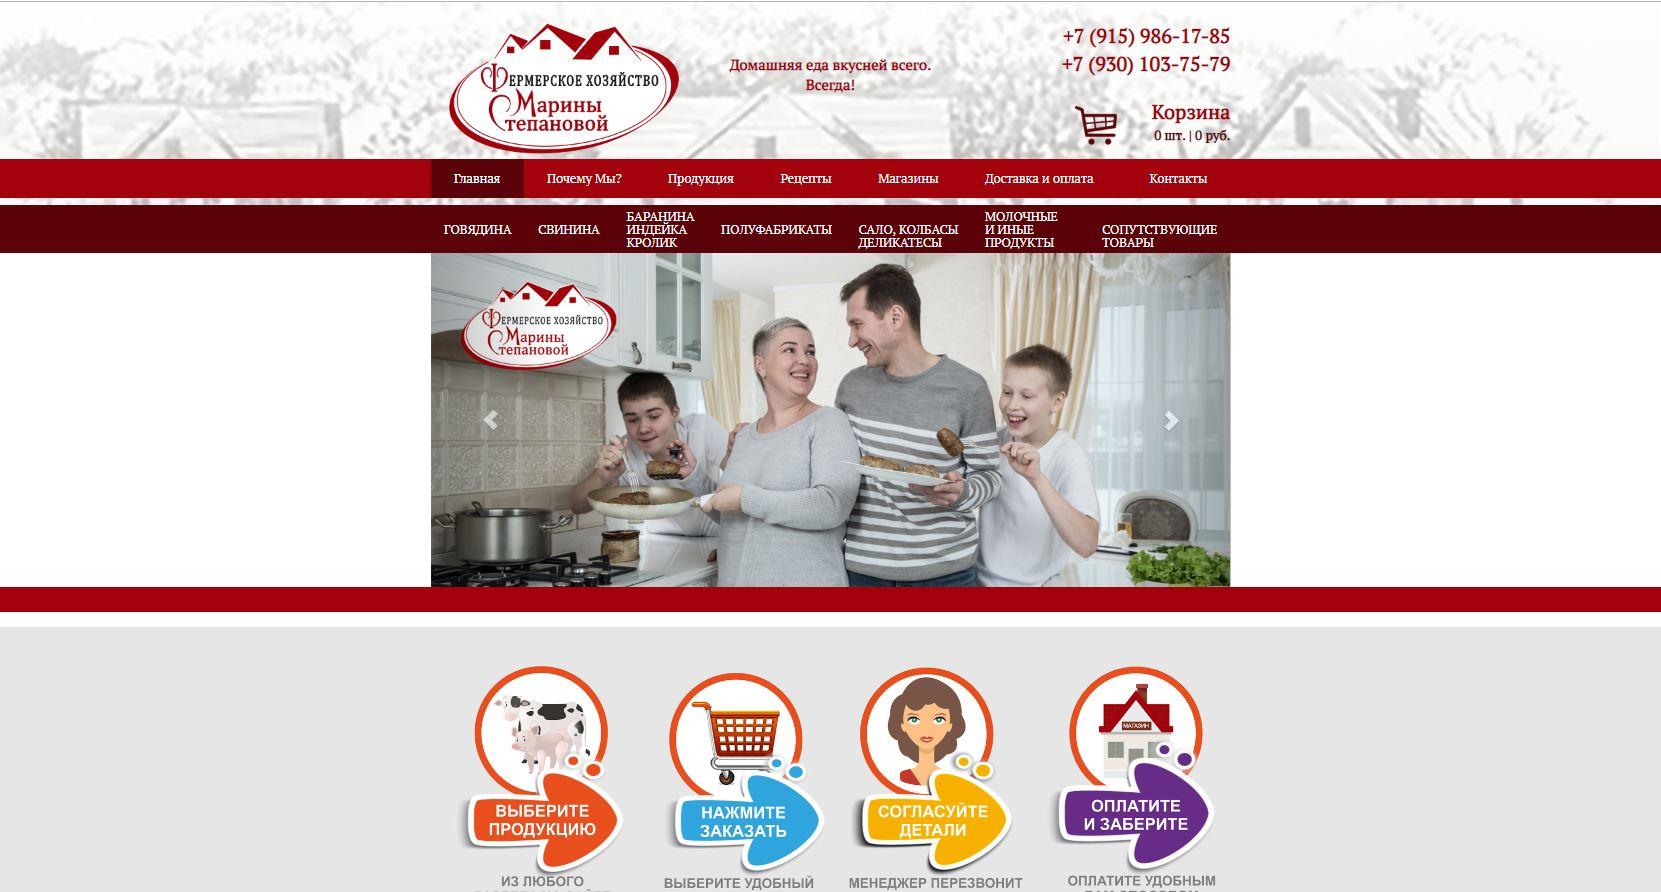 Создание интернет-магазина «Фермерское хозяйство Марины Степановой»